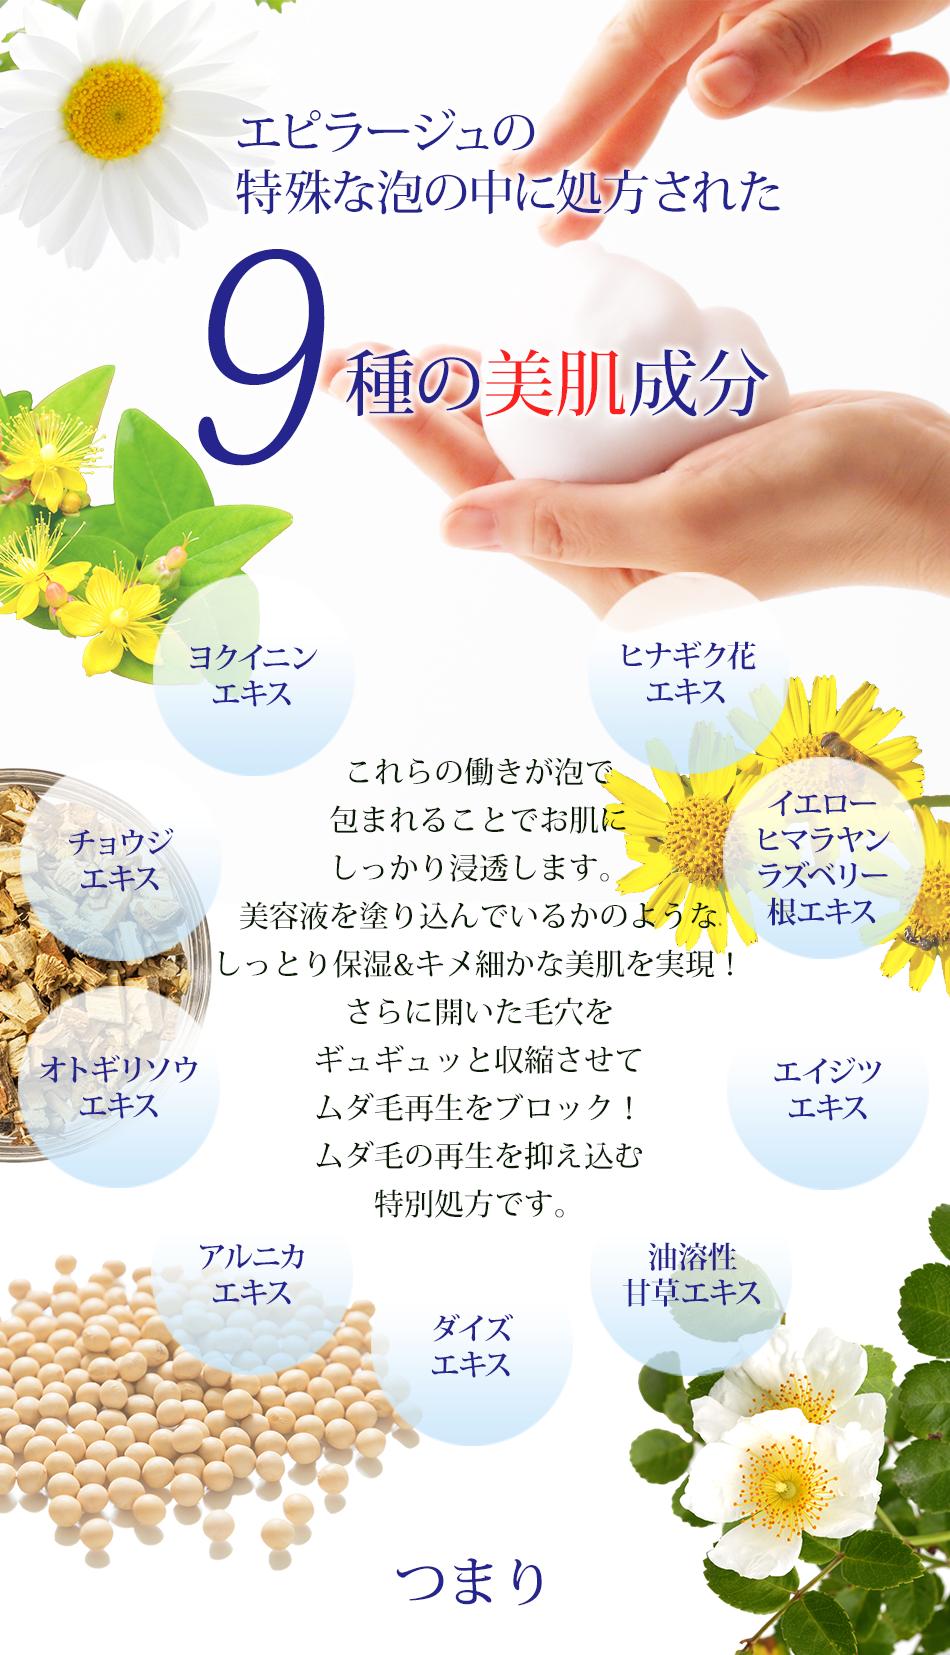 エピラージュの特殊な泡の中に処方された9種の美肌成分ヒナギク花エキス、イエローヒマラヤンラズベリー根エキス、エイジツエキス、油溶性甘草エキス(2)、ダイズエキス、アルニカエキス、オトギリソウエキス、チョウジエキス、ヨクイニエキスこれらの働きが泡で包まれることでお肌にしっかり浸透します。美容液を塗り込んでいるかのようなしっとり保湿&キメ細かな美肌を実現!さらに開いた毛穴をギュギュッと収縮させてムダ毛再生をブロック!ムダ毛の再生を抑え込む」特別処方です。つまり